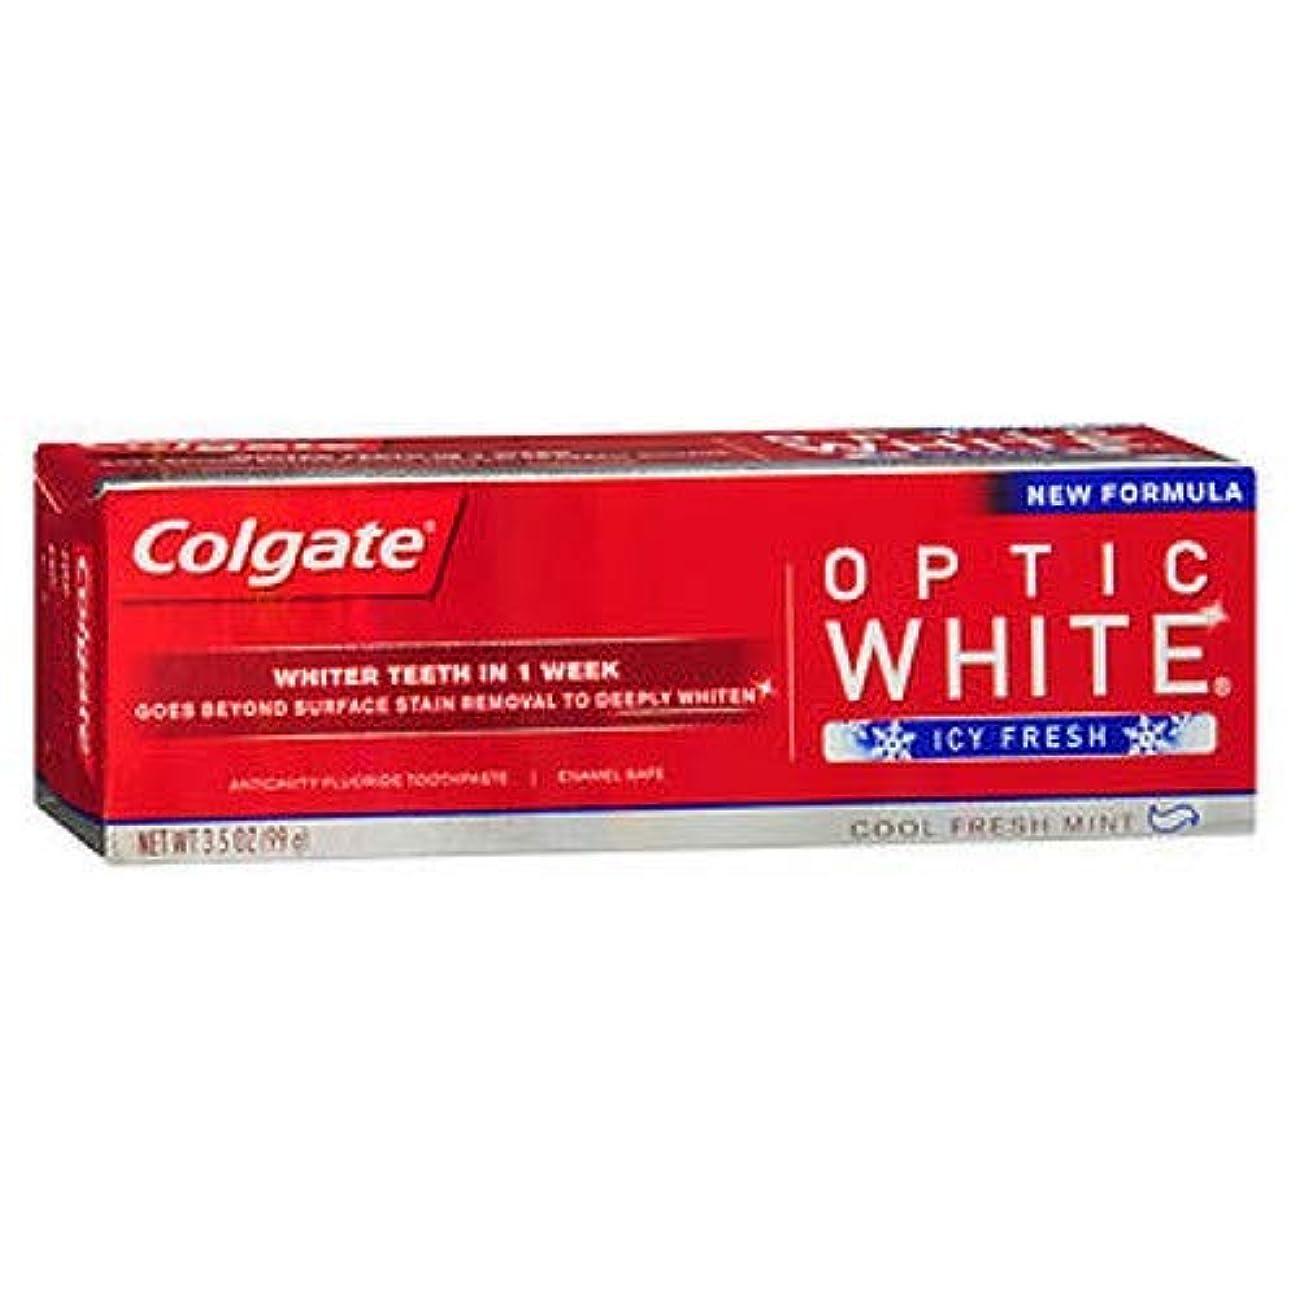 のホストサイバースペース封建Colgate Optic White コルゲート Icy Fresh アドバンス ホワイトニング 99g